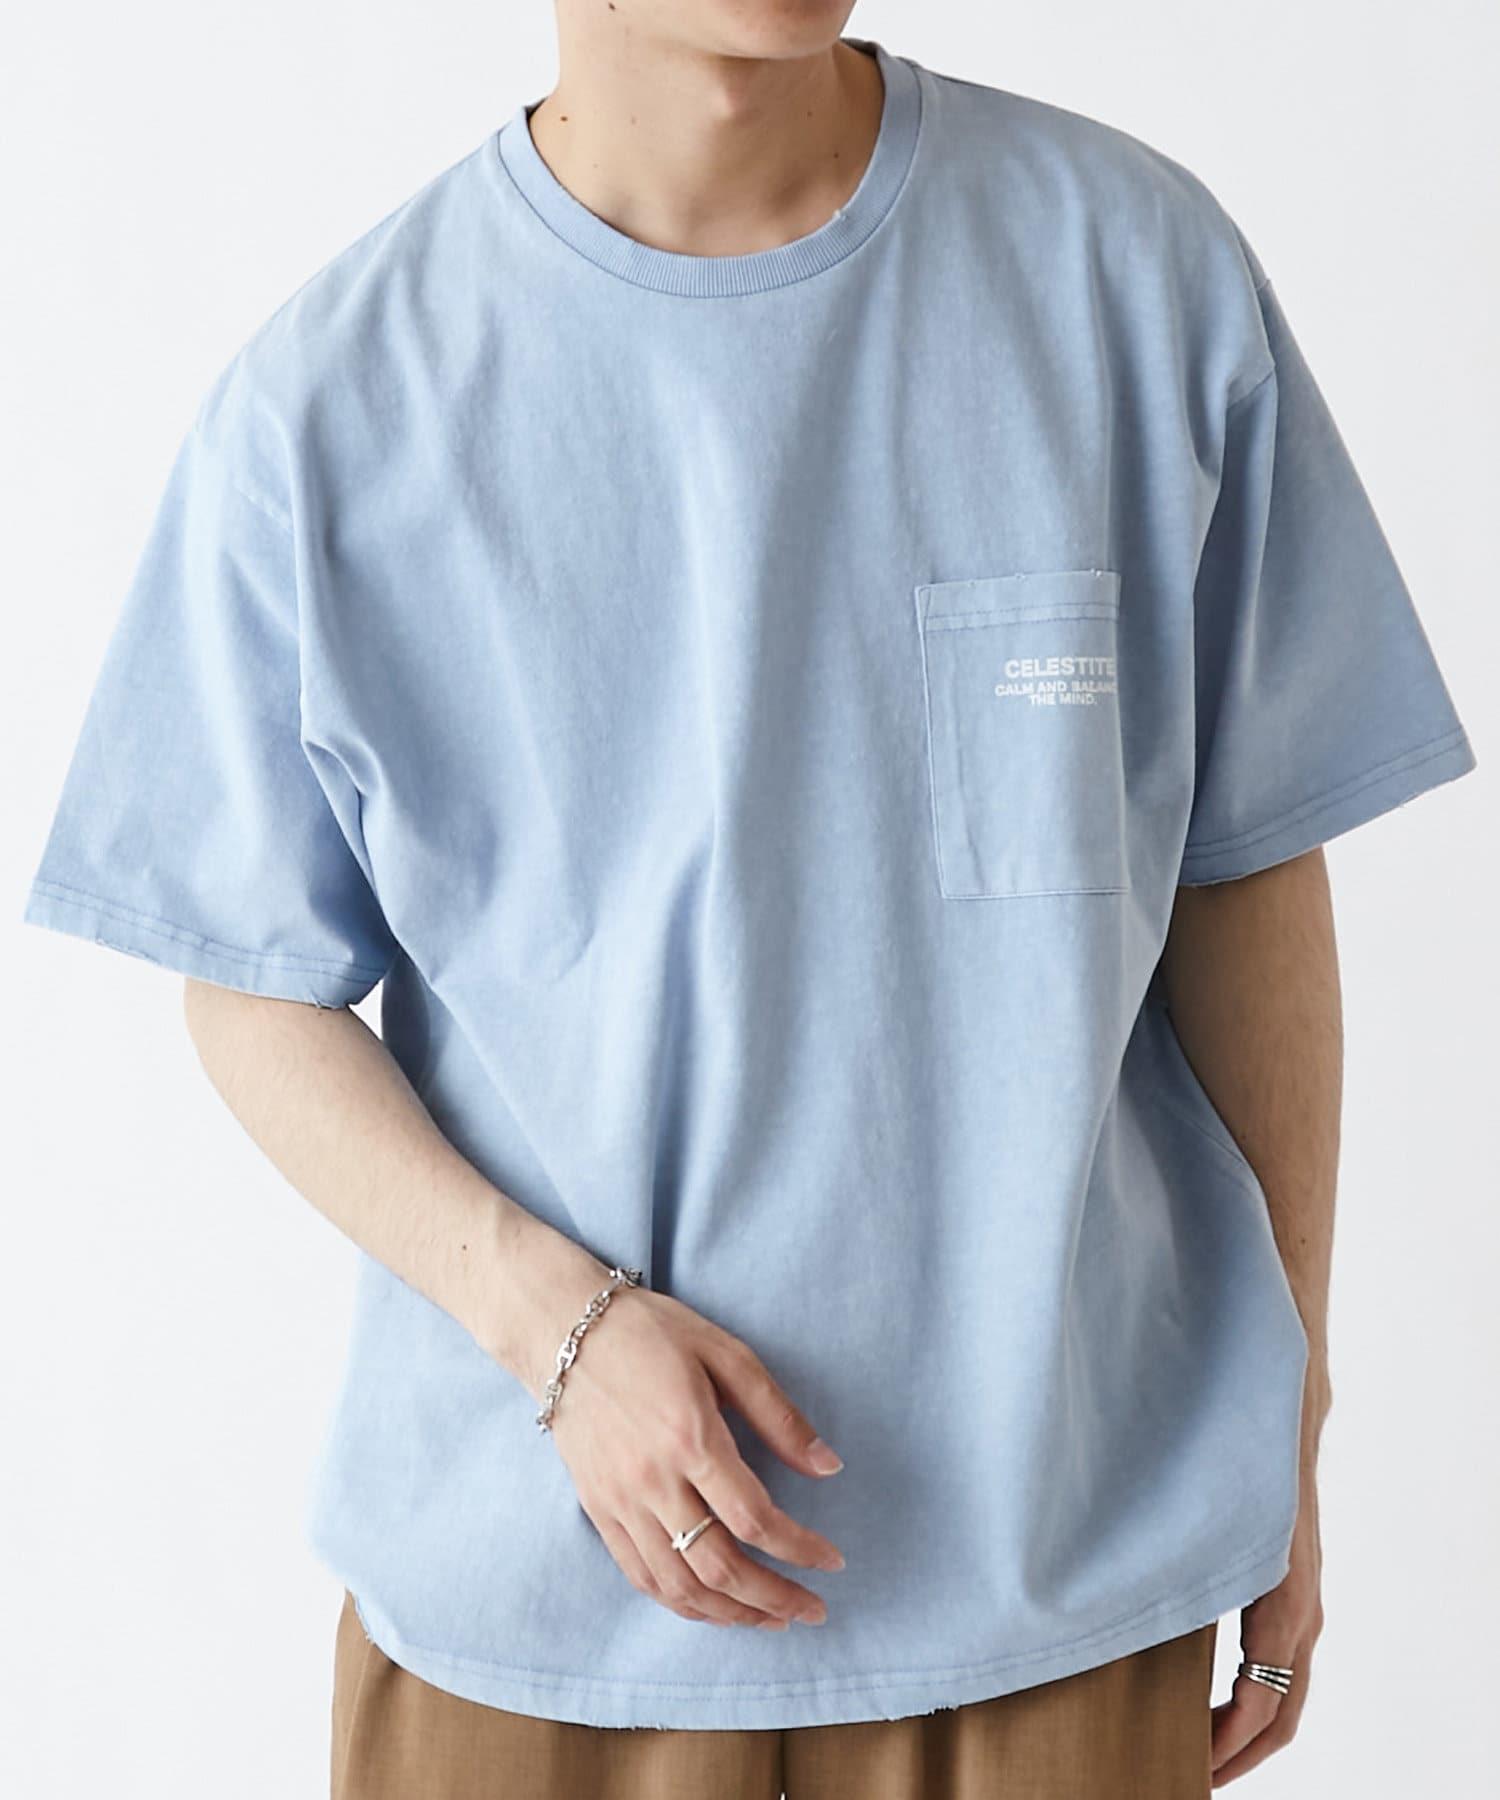 Discoat(ディスコート) クリスタルプリントフェードTシャツ